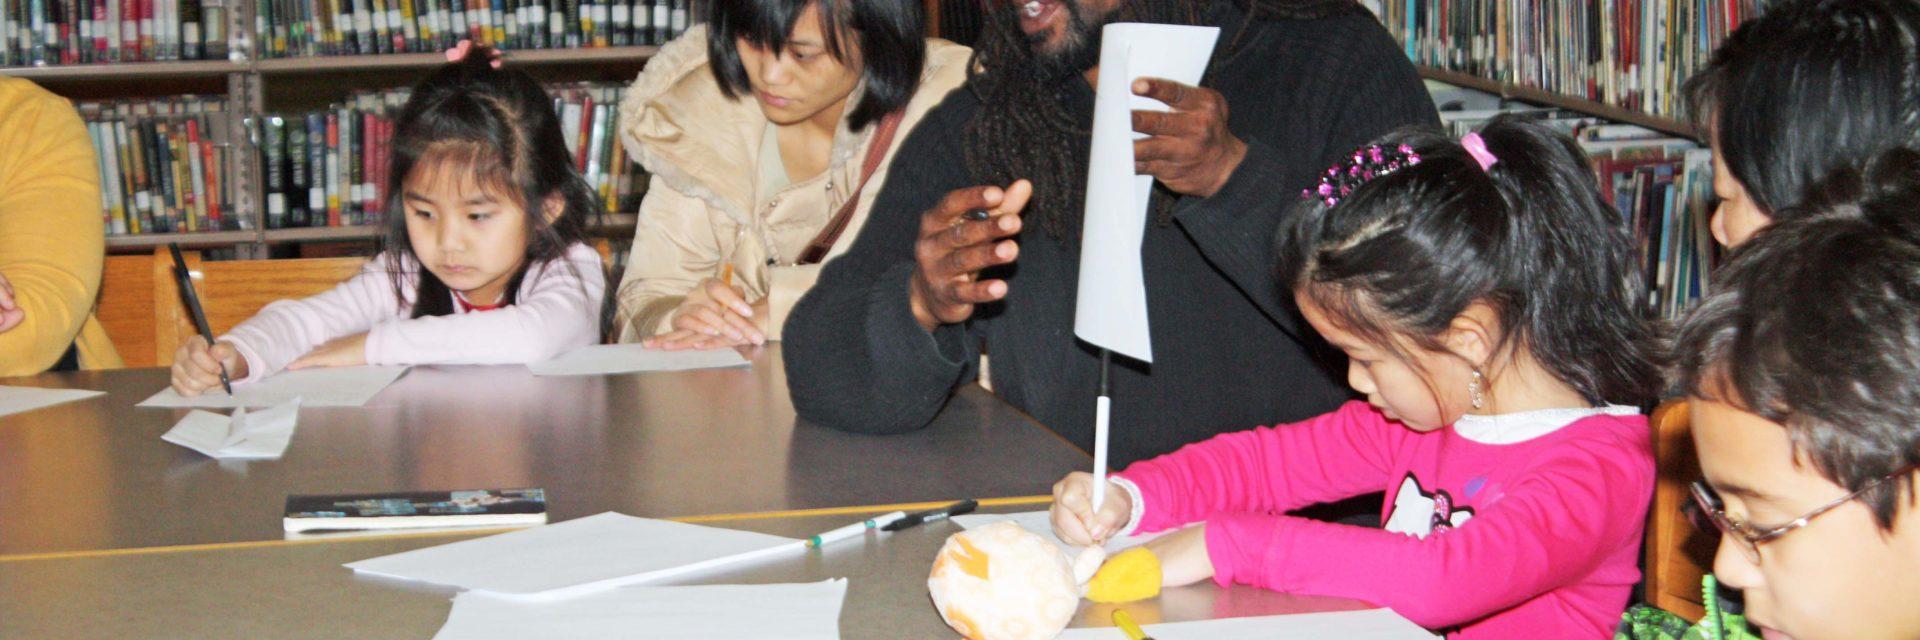 Family Learning Program - Children's writing workshop.